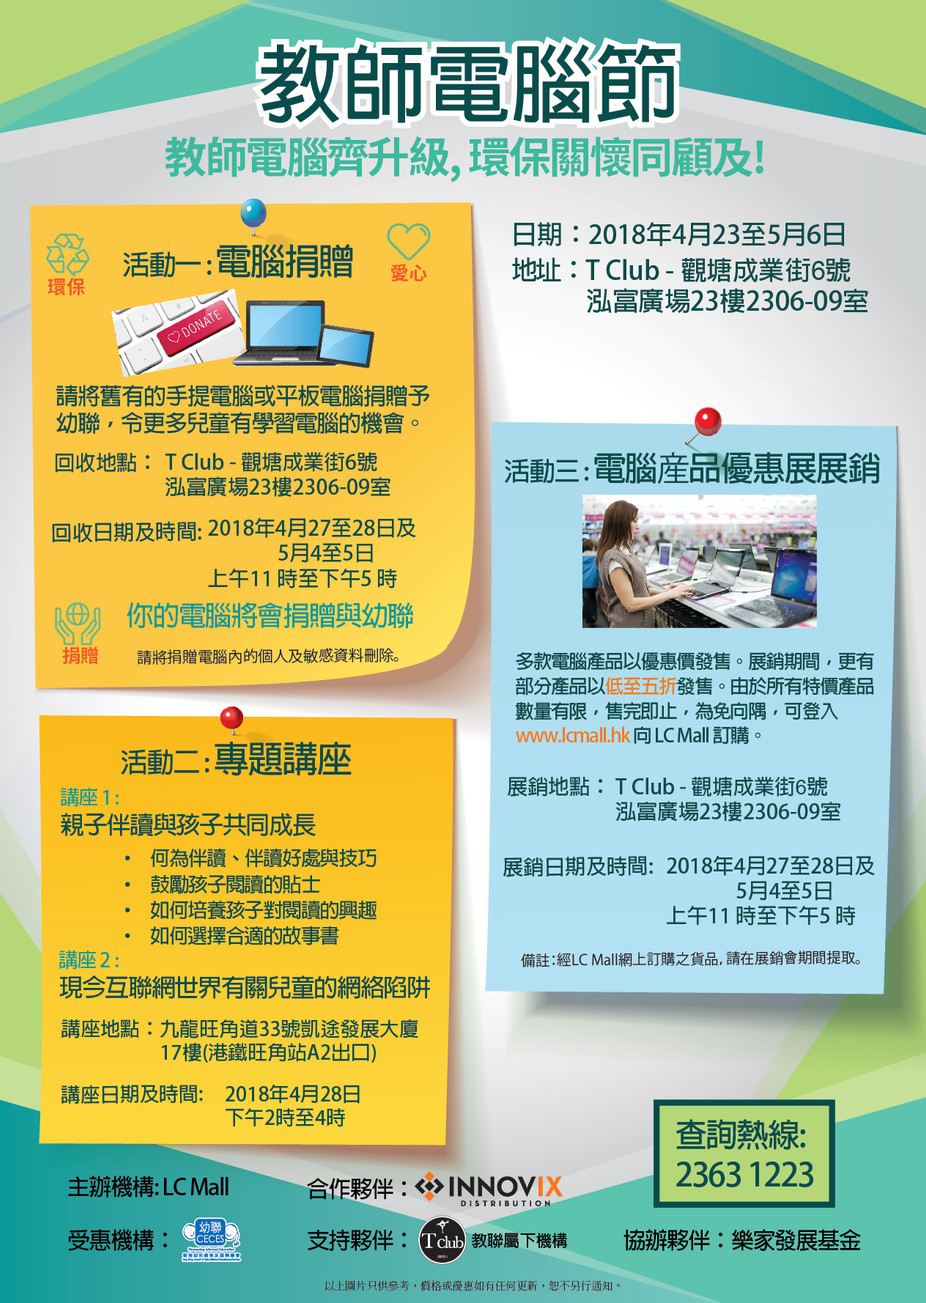 教師電腦節 4月23 - 5月7日